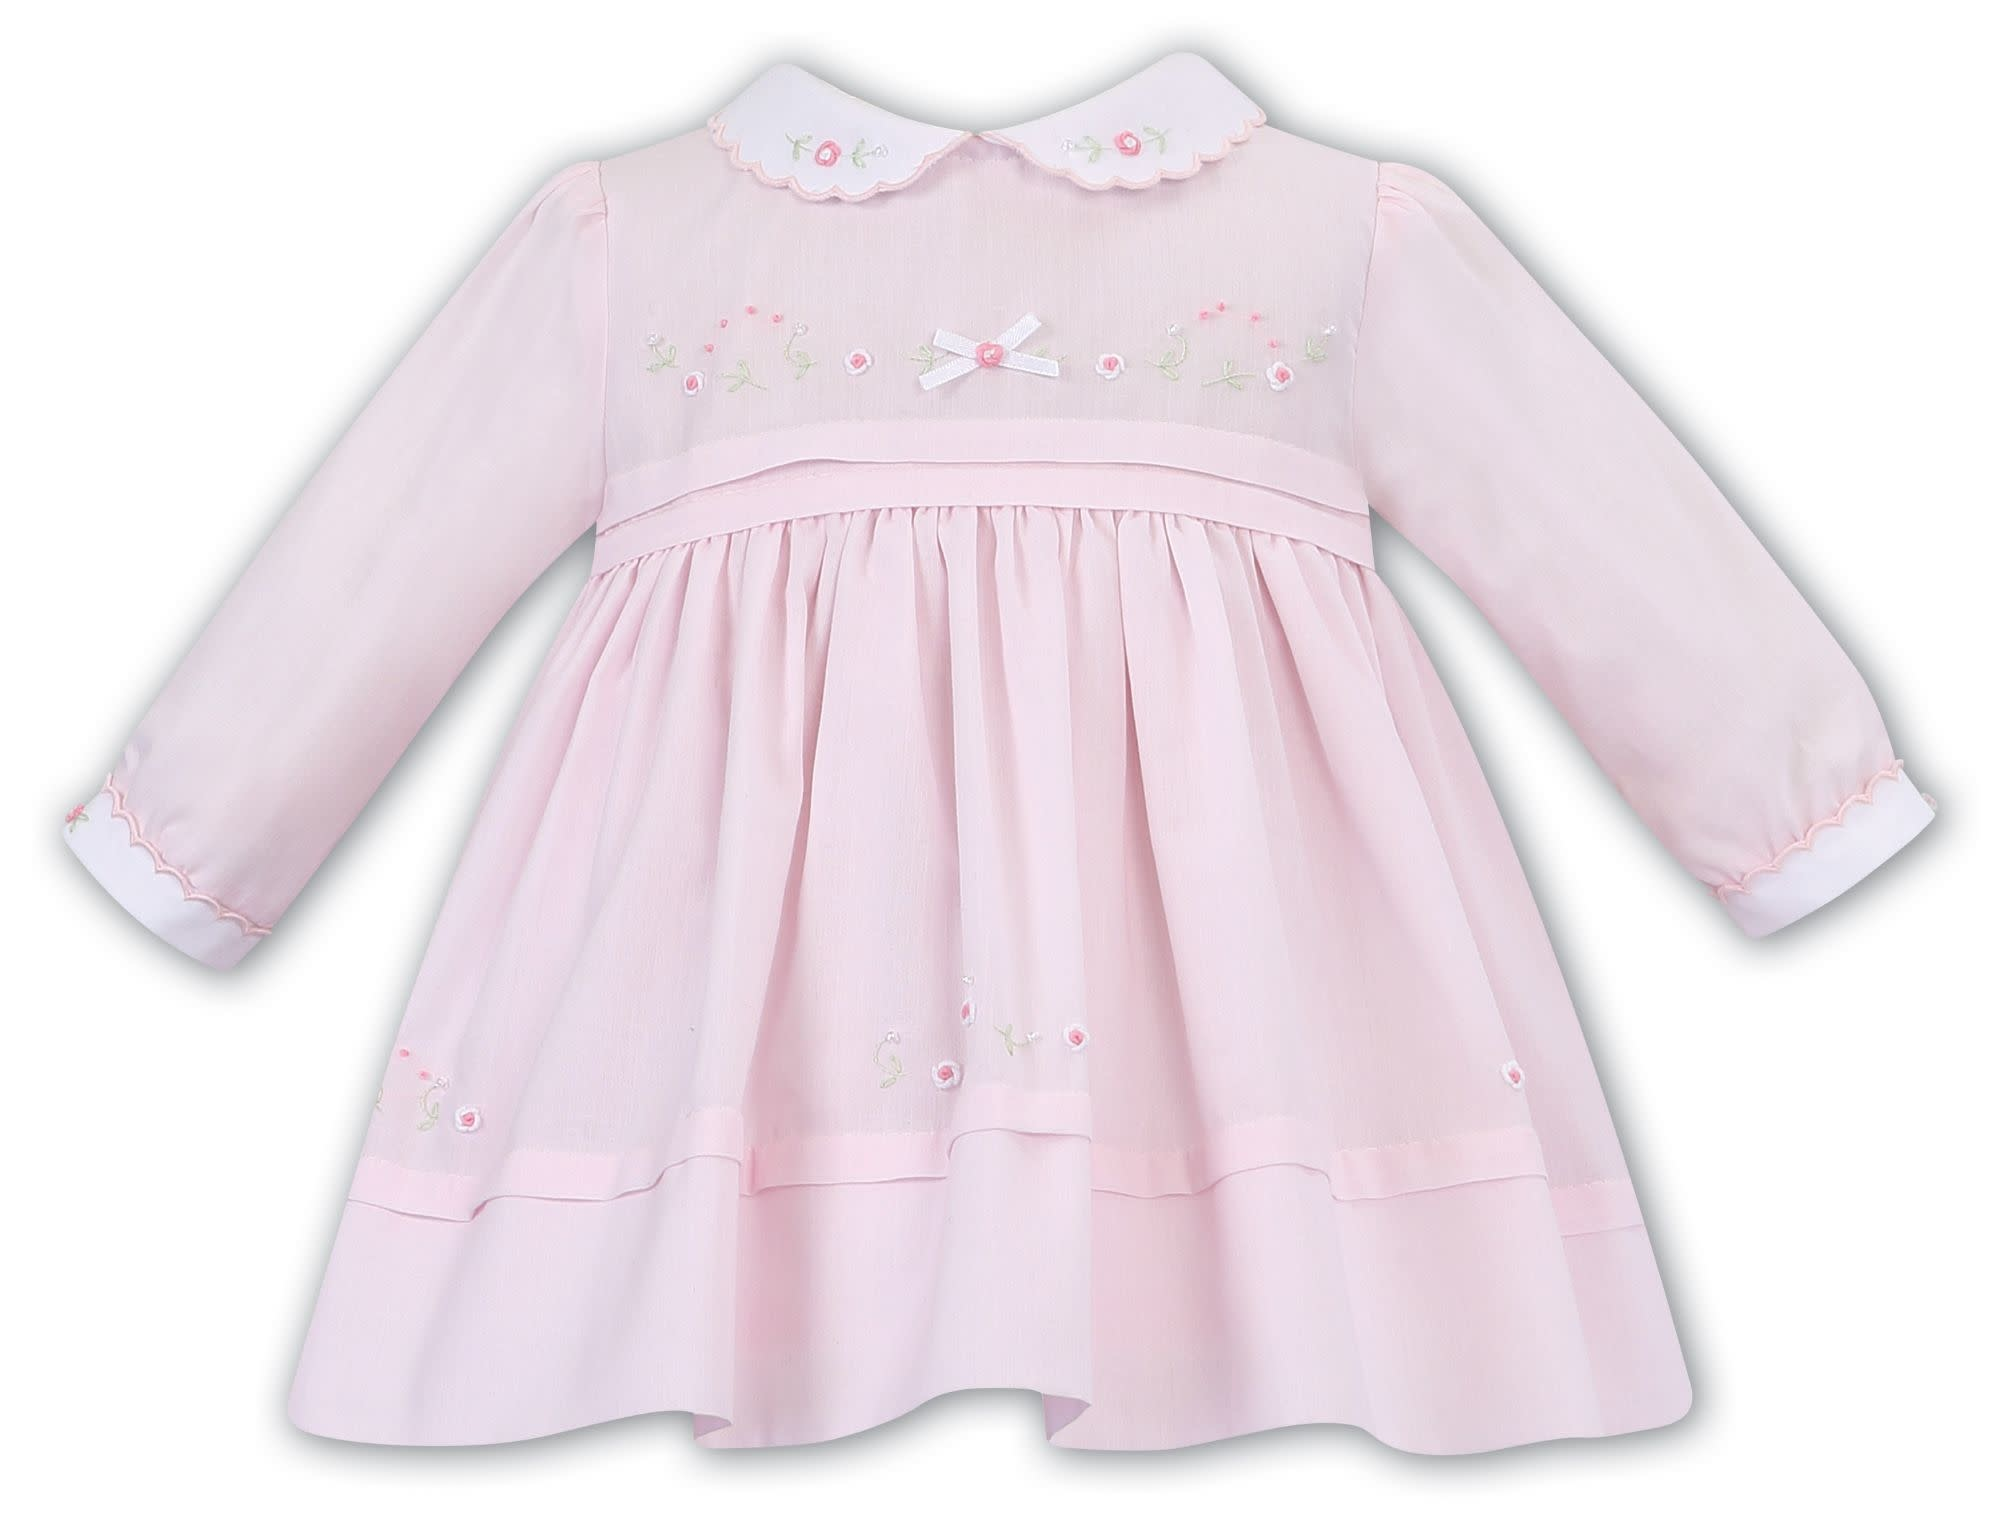 Sarah Louise Sarah Louise AW19 Girls Dress Pink and White 011620